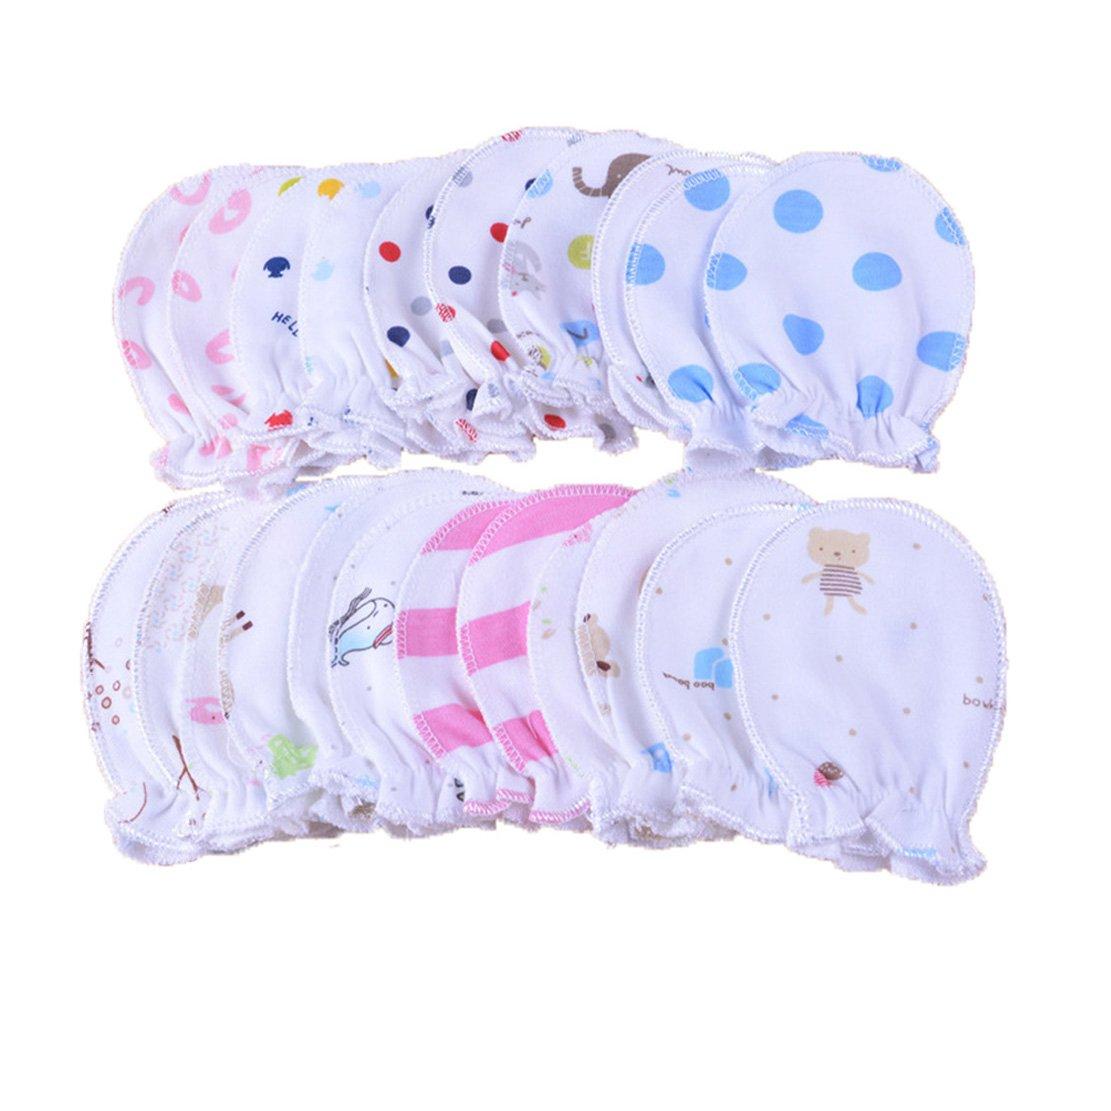 5 paia bambino appena nato Mittens Infant pastello Scratch Guanti di cotone 0-6 mesi wyhweilong